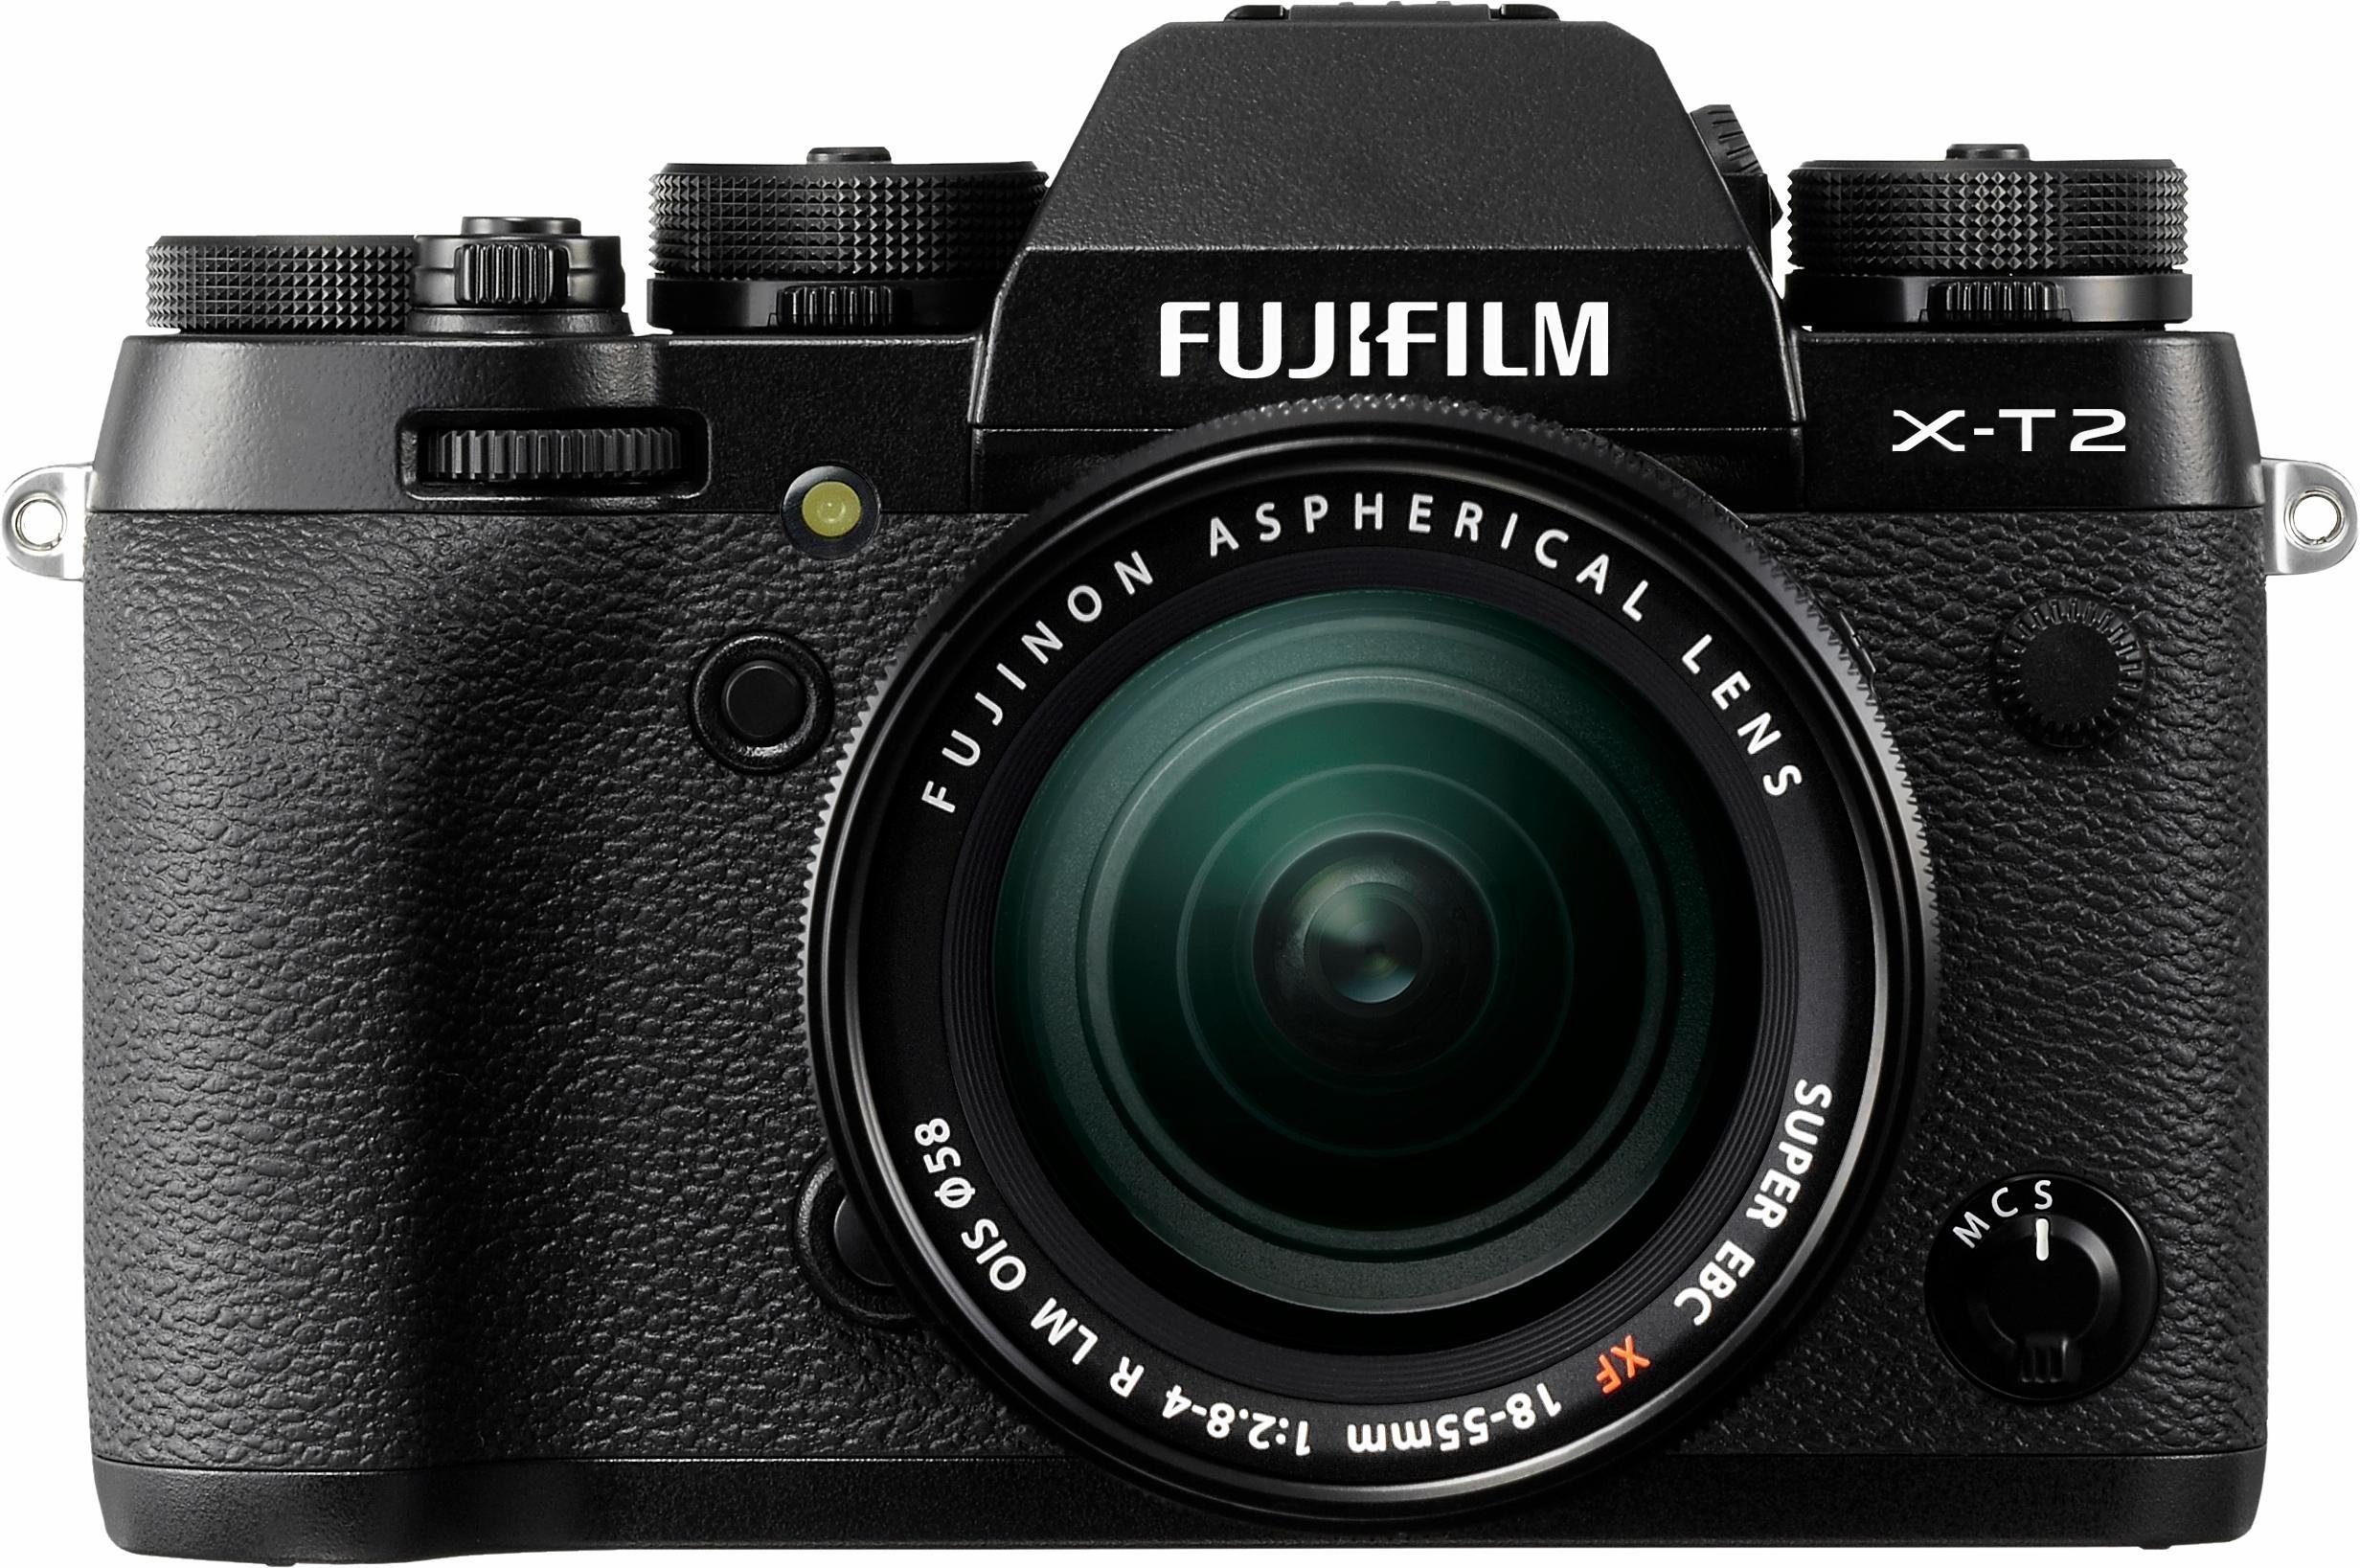 FUJIFILM X-T2 Kit System Kamera, FUJINON XF18-55mm F2,8-4 R LM OIS Zoom, 24,3 Megapixel